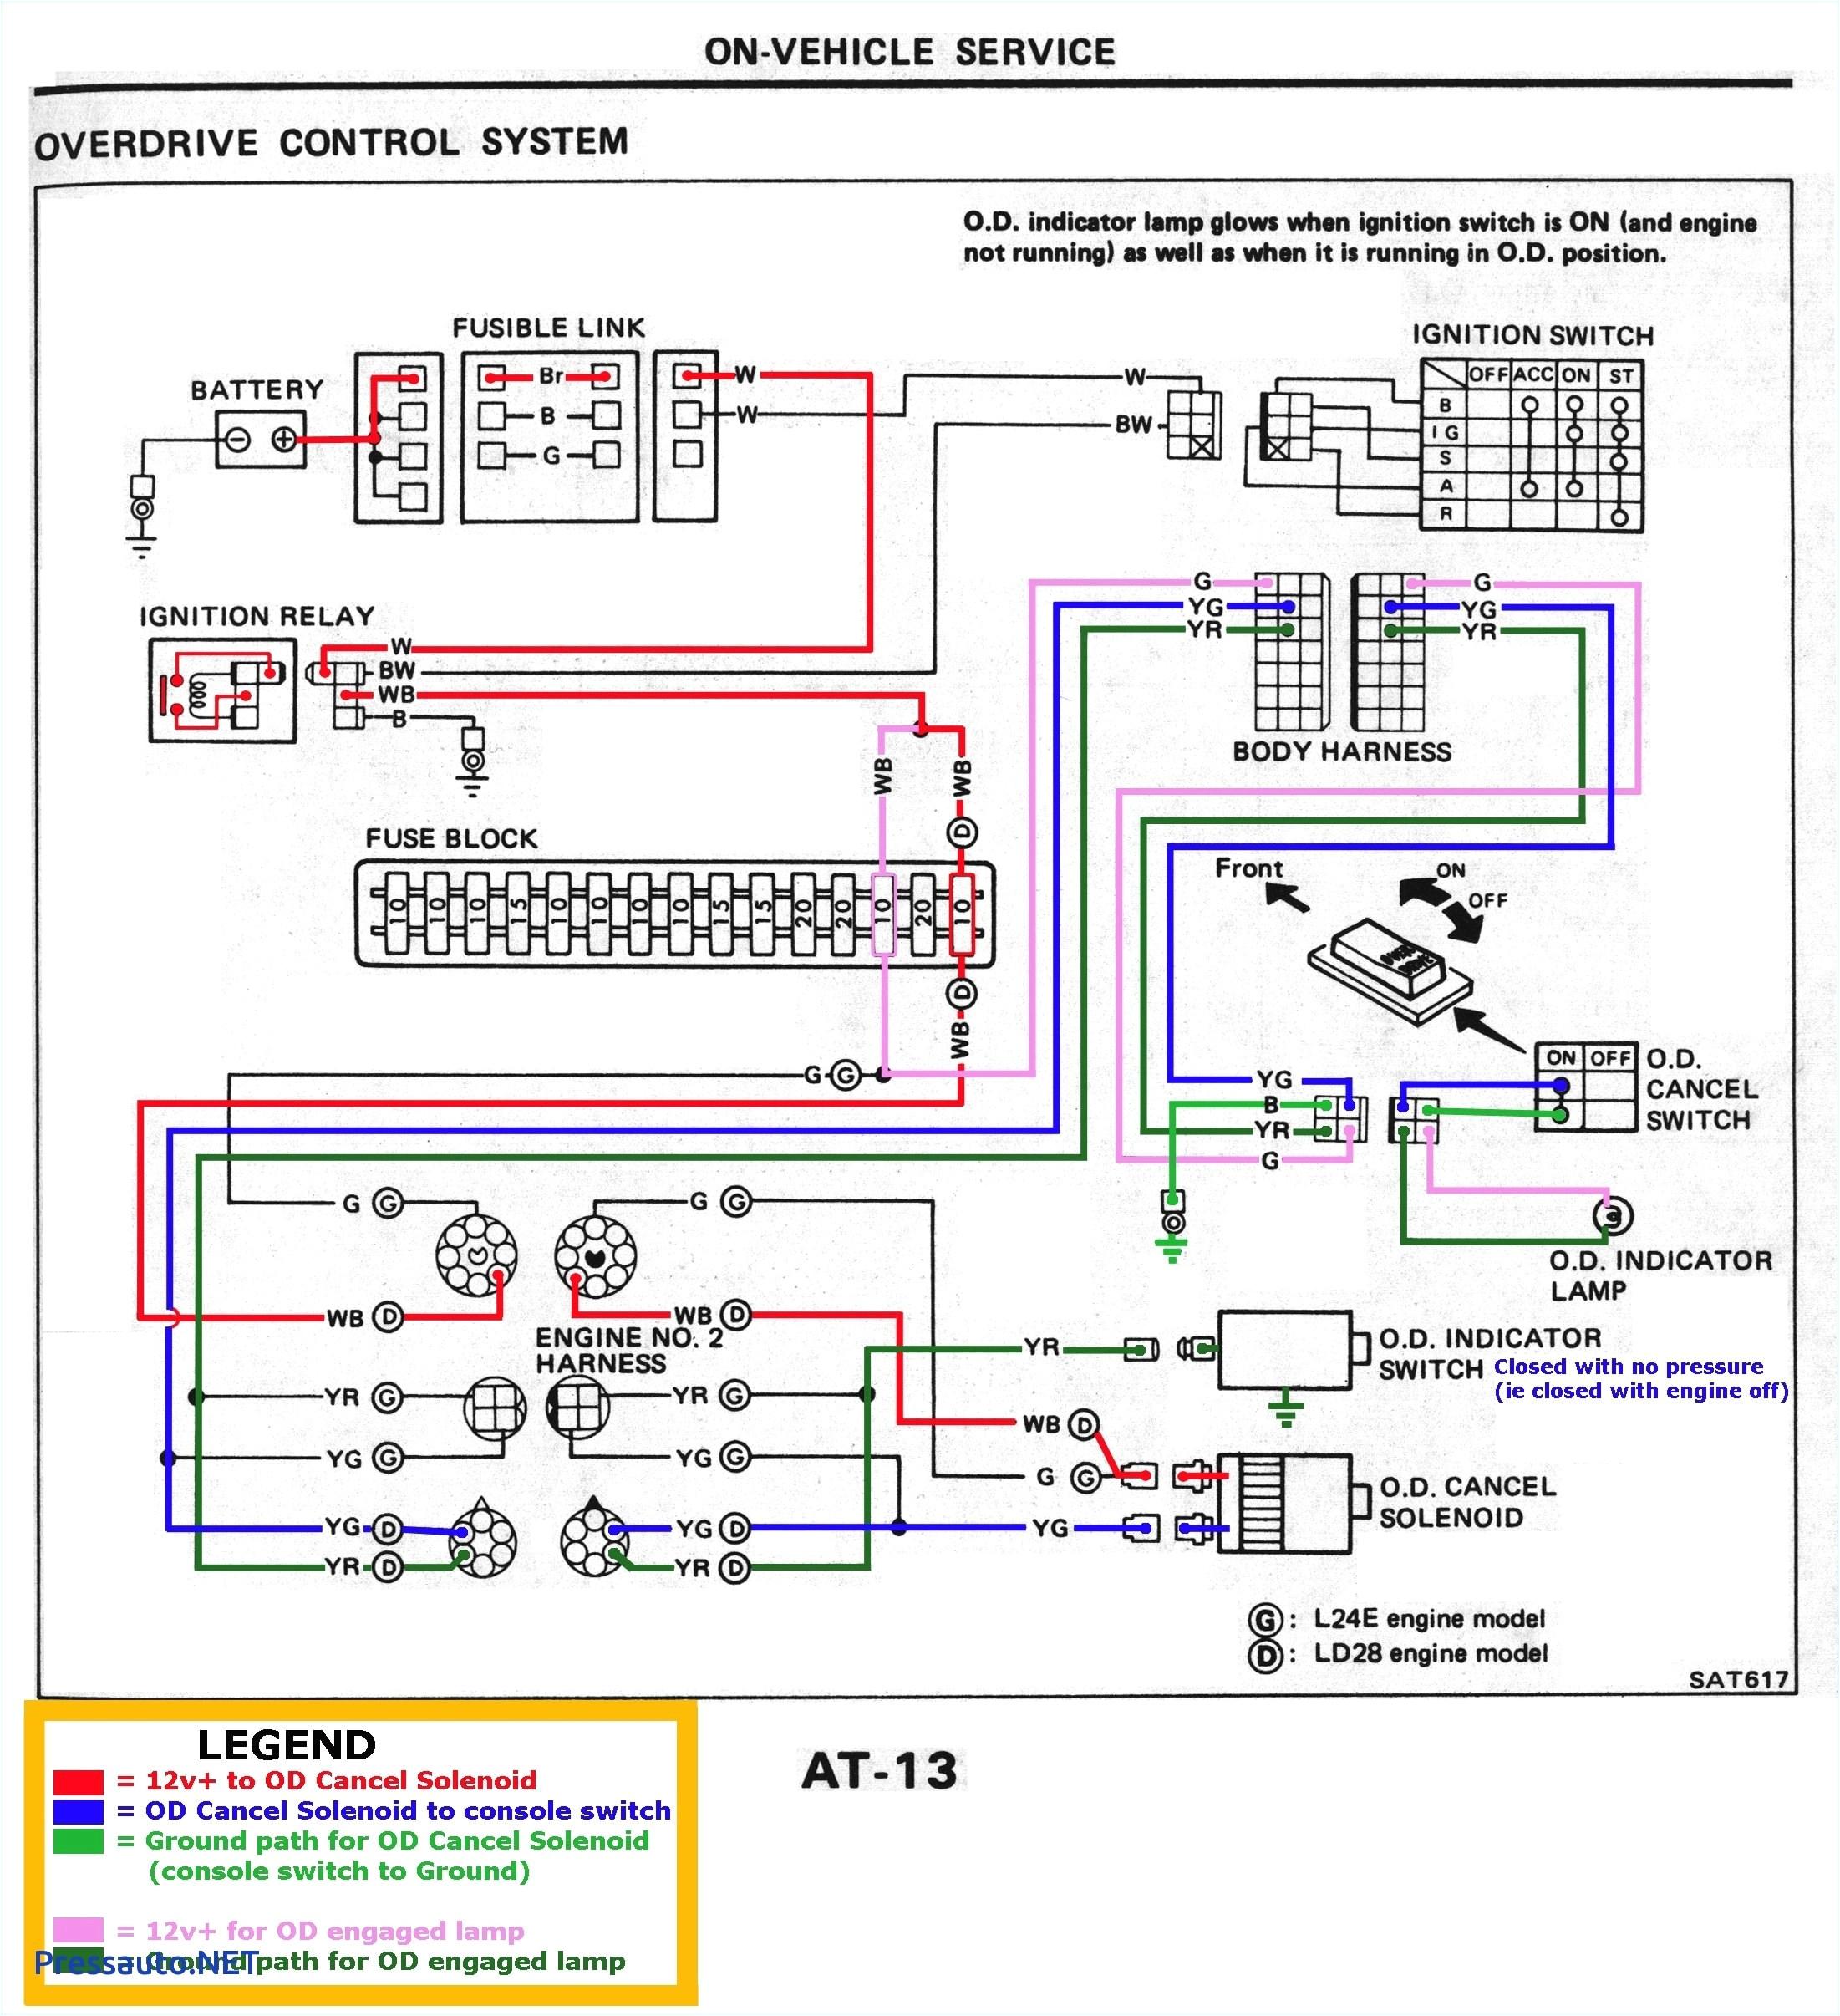 sabre lawn mower wiring diagram lovely john deere sabre lawn tractor wiring diagram fresh wiring diagram